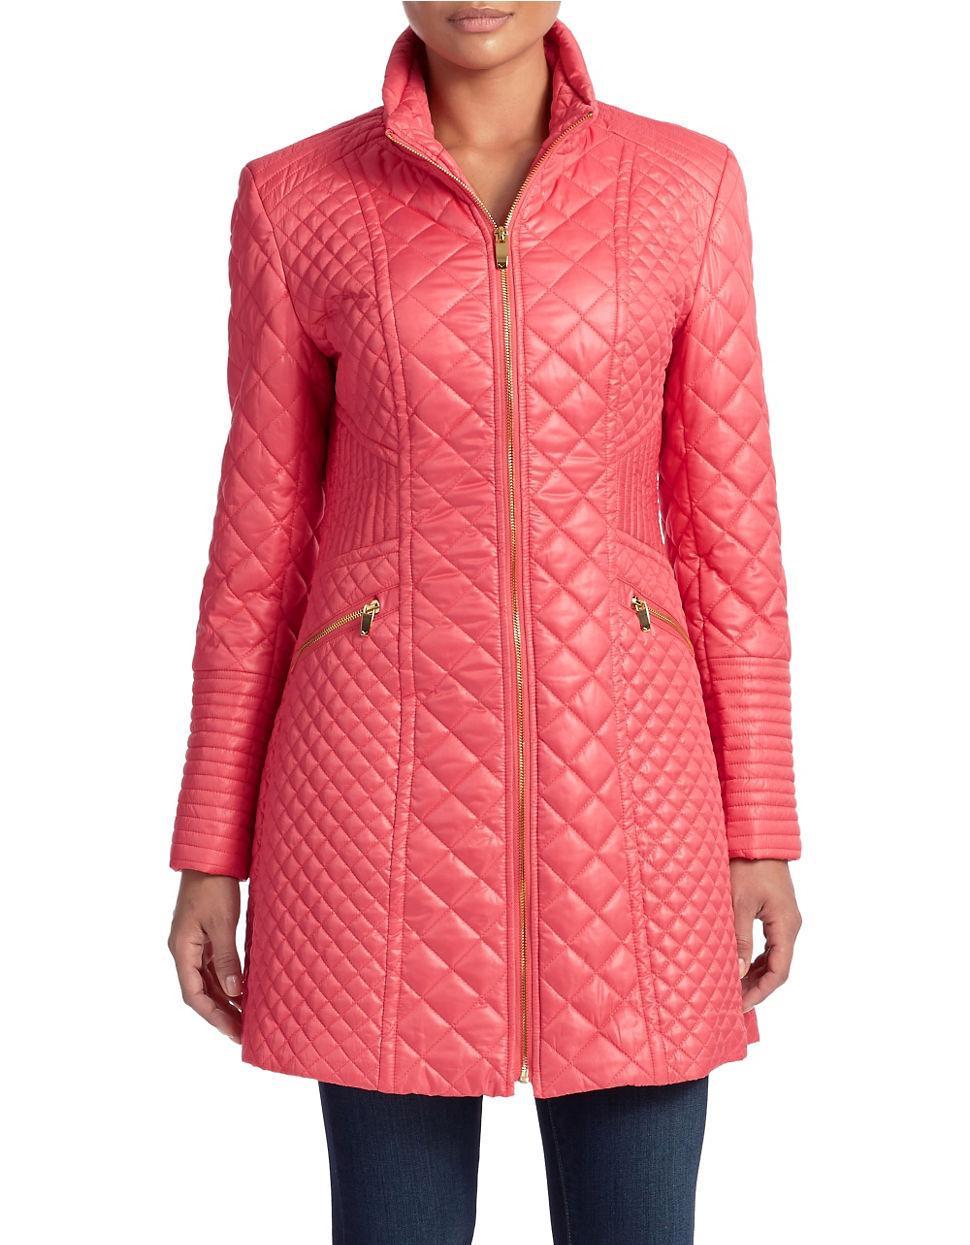 Spiga Pink Pea Coat